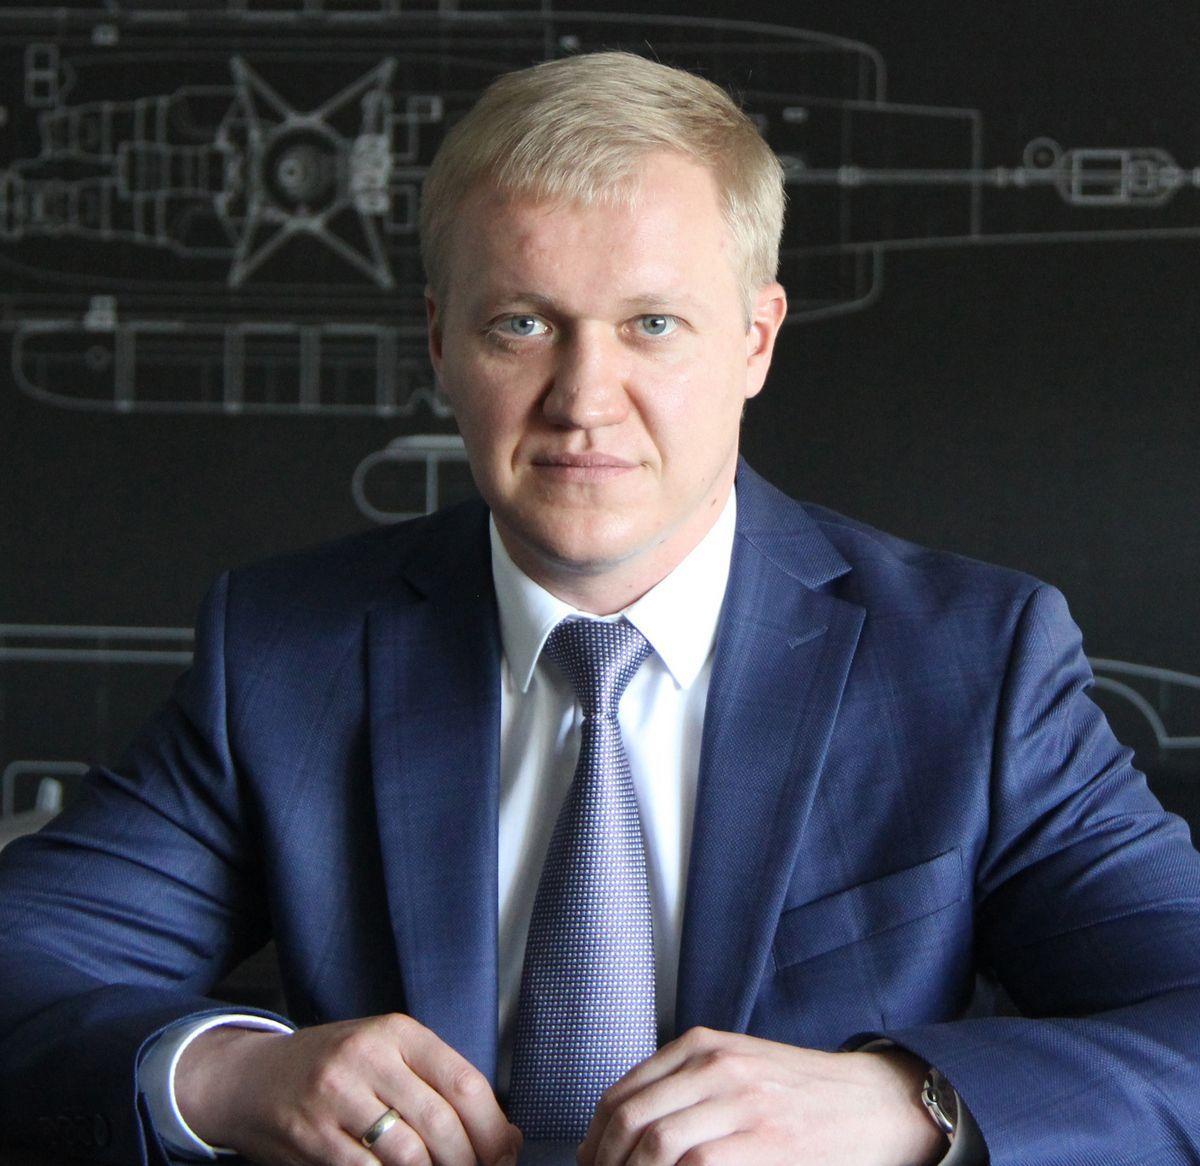 Бессменный директор Улан-Удэнского авиазавода пошёл на повышение